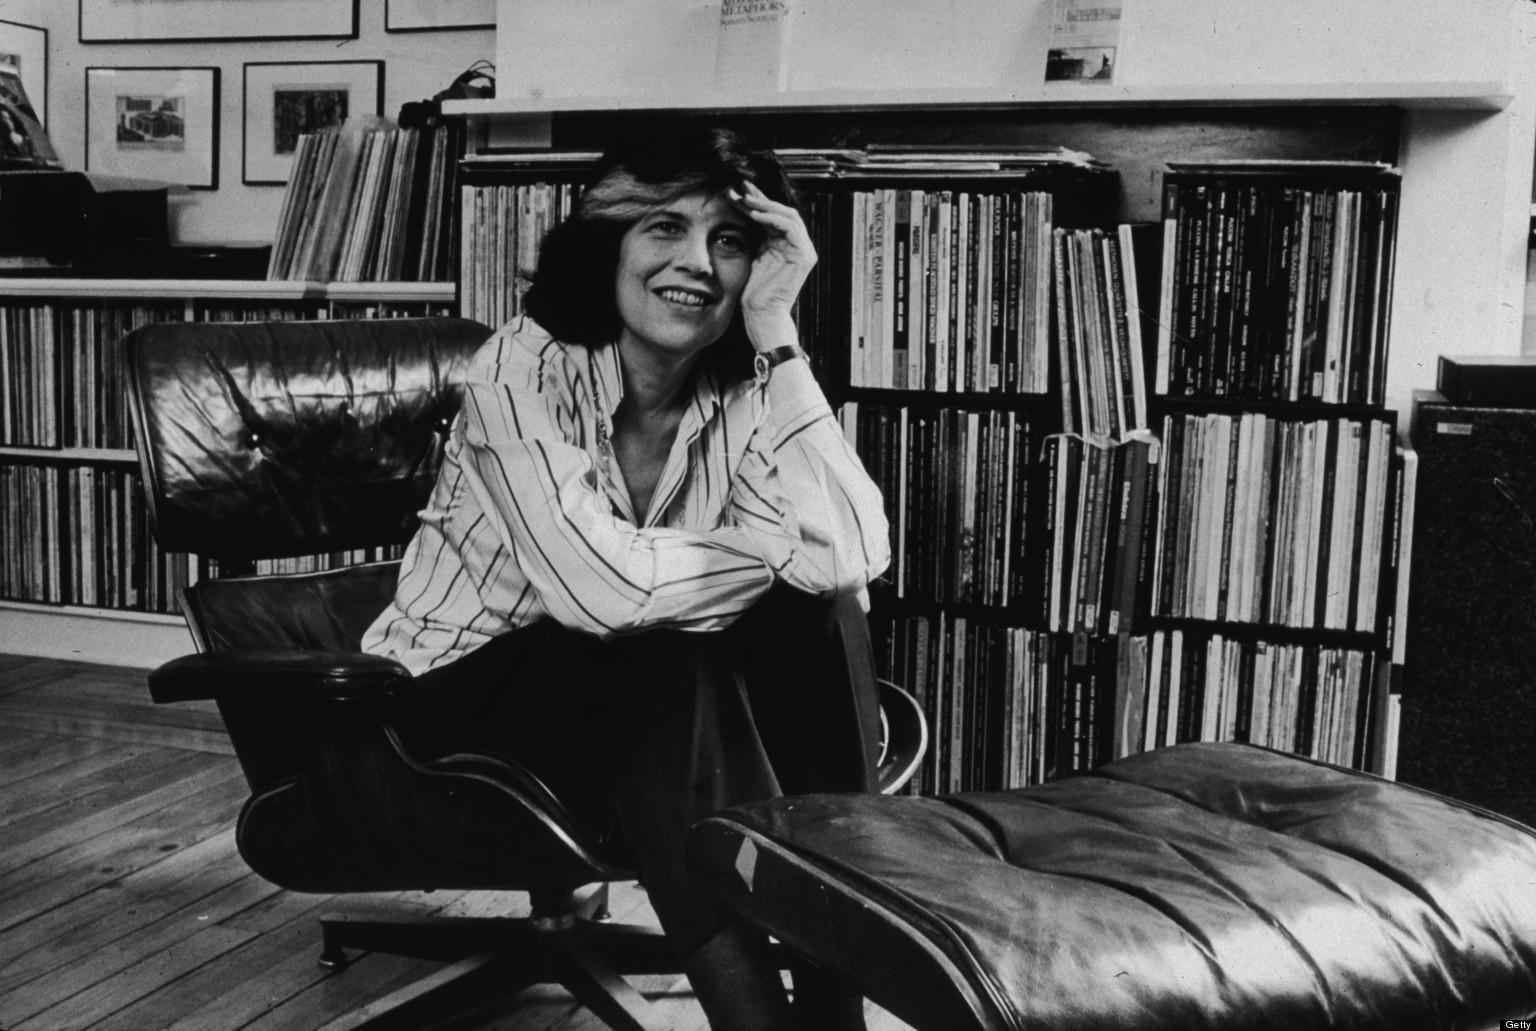 سوزان سانتاگ نویسنده، نظریه پرداز ادبی، فعال سیاسی و اجتماعی و یکی از برجسته ترین چهرههای روشنفکری قرن بیستم است. او که ملیت آمریکایی دارد در تاریخ ۱۶ ژانویهی ۱۹۳۳ در نیویورک متولد شد و در تاریخ ۲۸ دسامبر ۲۰۰۴ در همان جا درگذشت